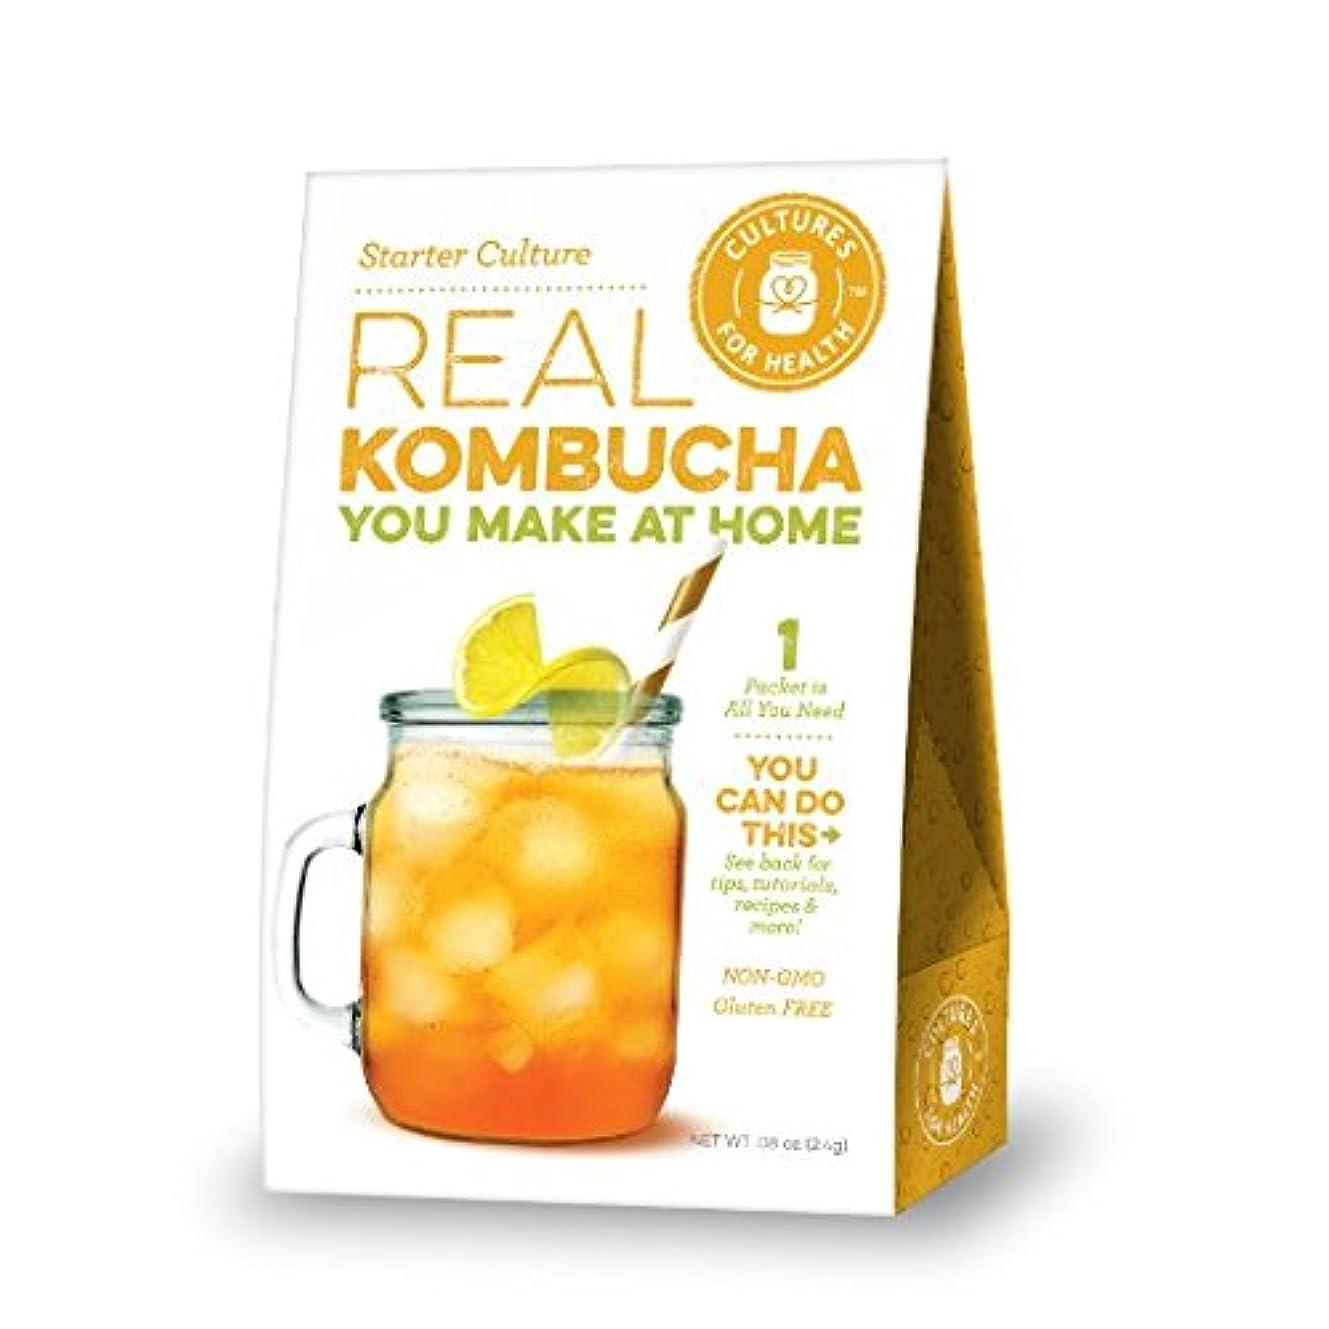 ジャケット休眠師匠日本でも大ヒットのKombucha 紅茶キノコダイエット 日本非売品を並行輸入(海外直送品) (紅茶キノコをお家で培養(菌の販売) [並行輸入品]